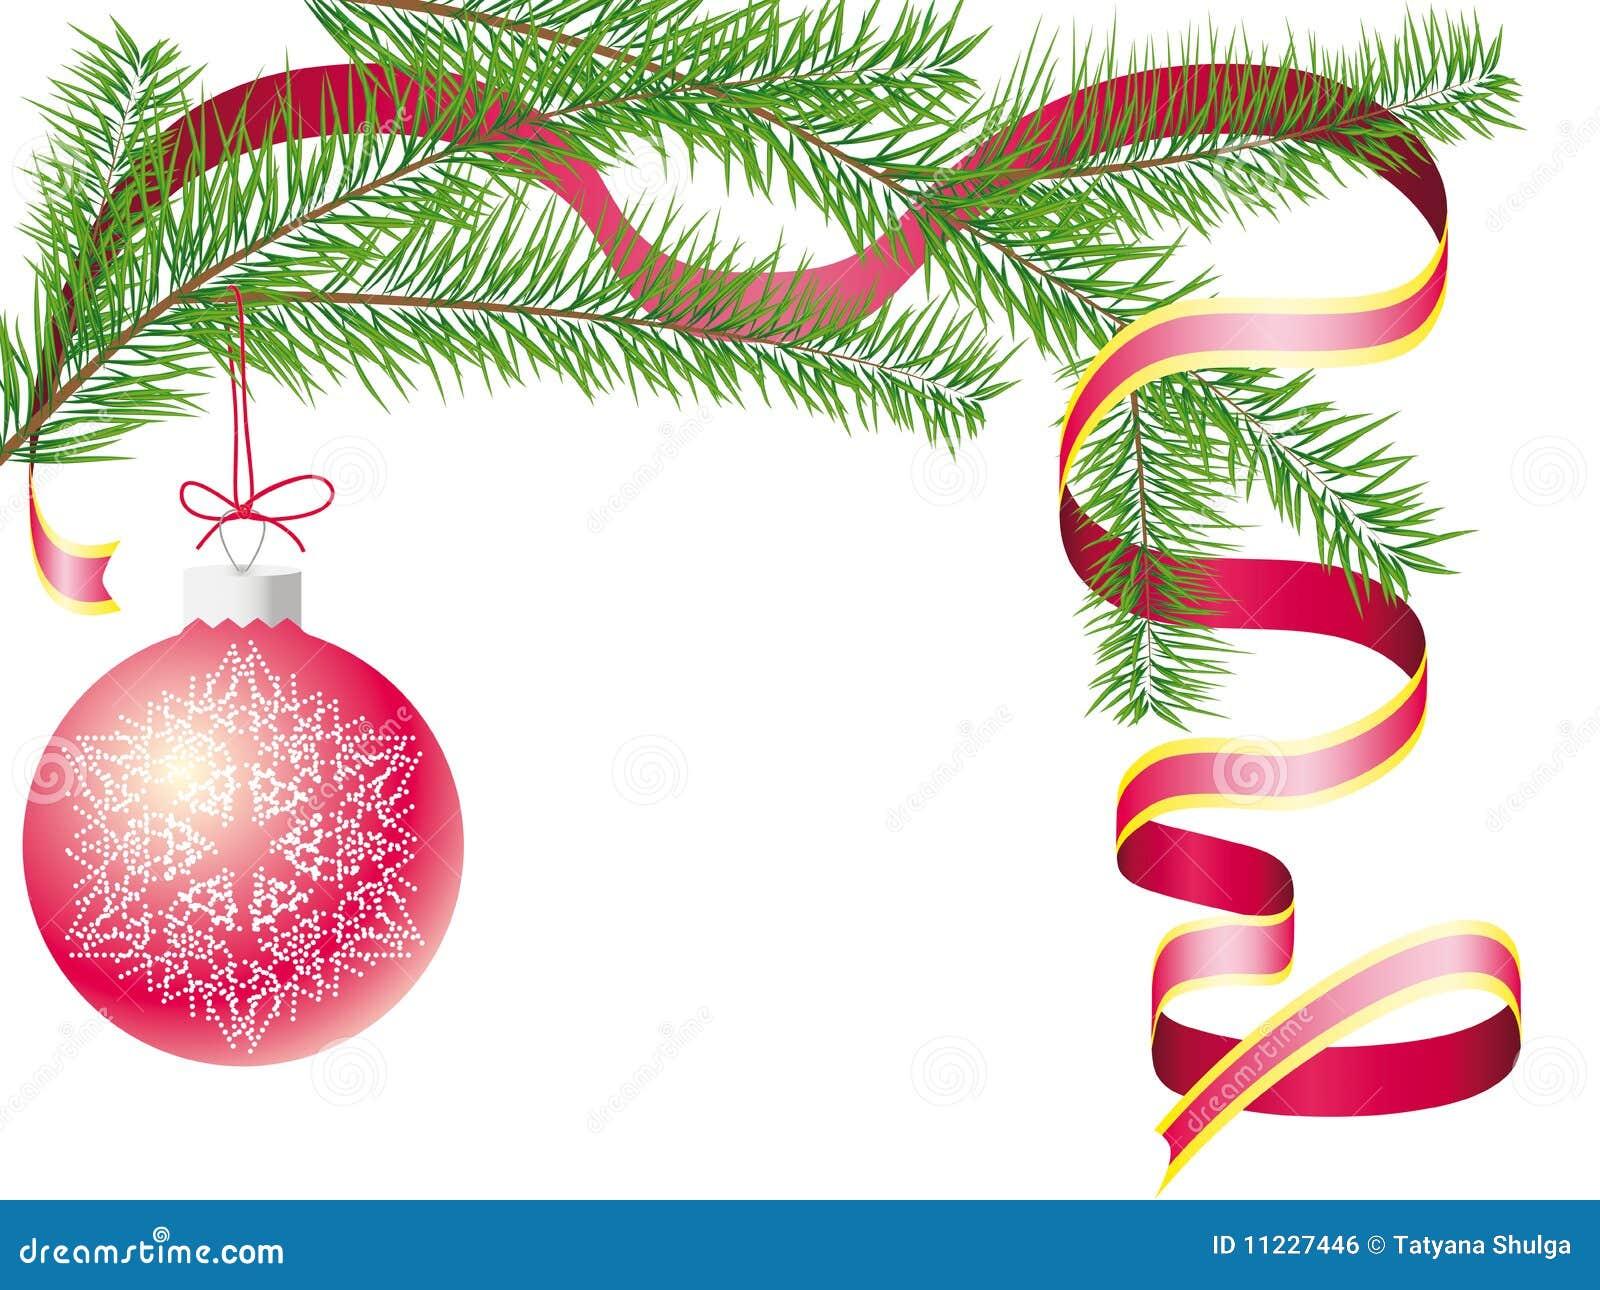 tannenzweig mit einer weihnachtskugel und einem roten. Black Bedroom Furniture Sets. Home Design Ideas